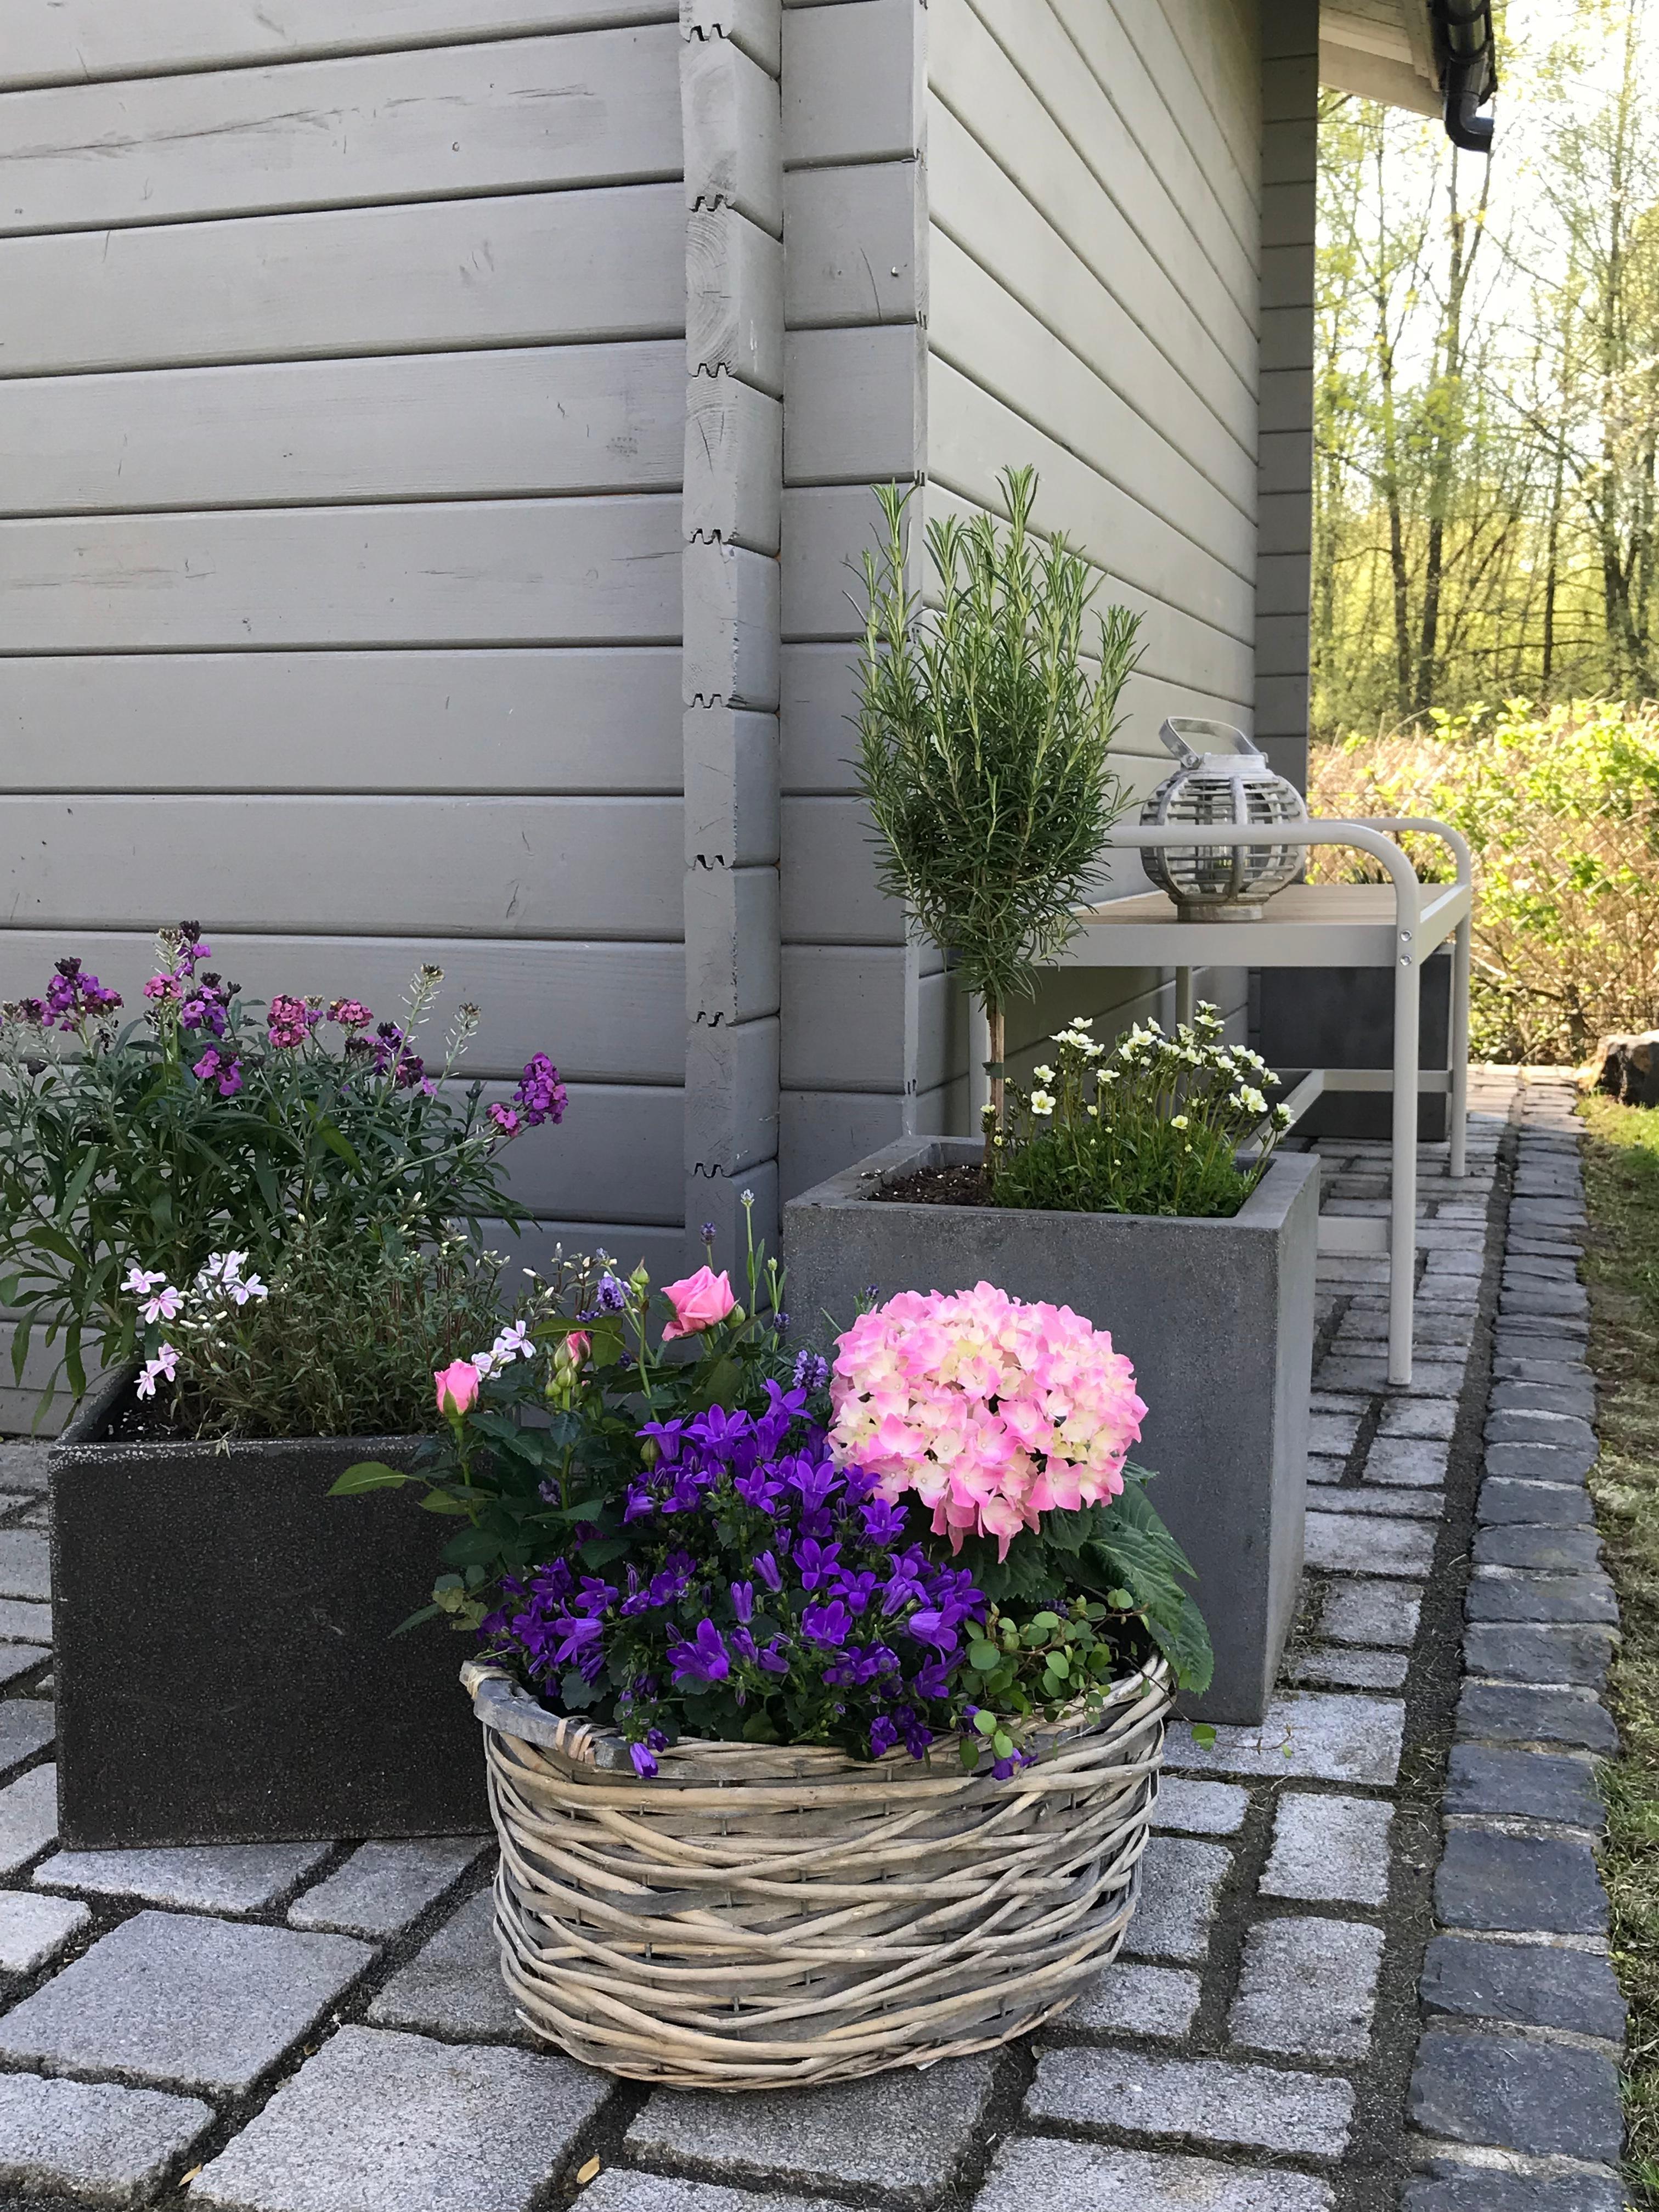 gartenhaus gestalten so nutzt du den platz effektiv. Black Bedroom Furniture Sets. Home Design Ideas